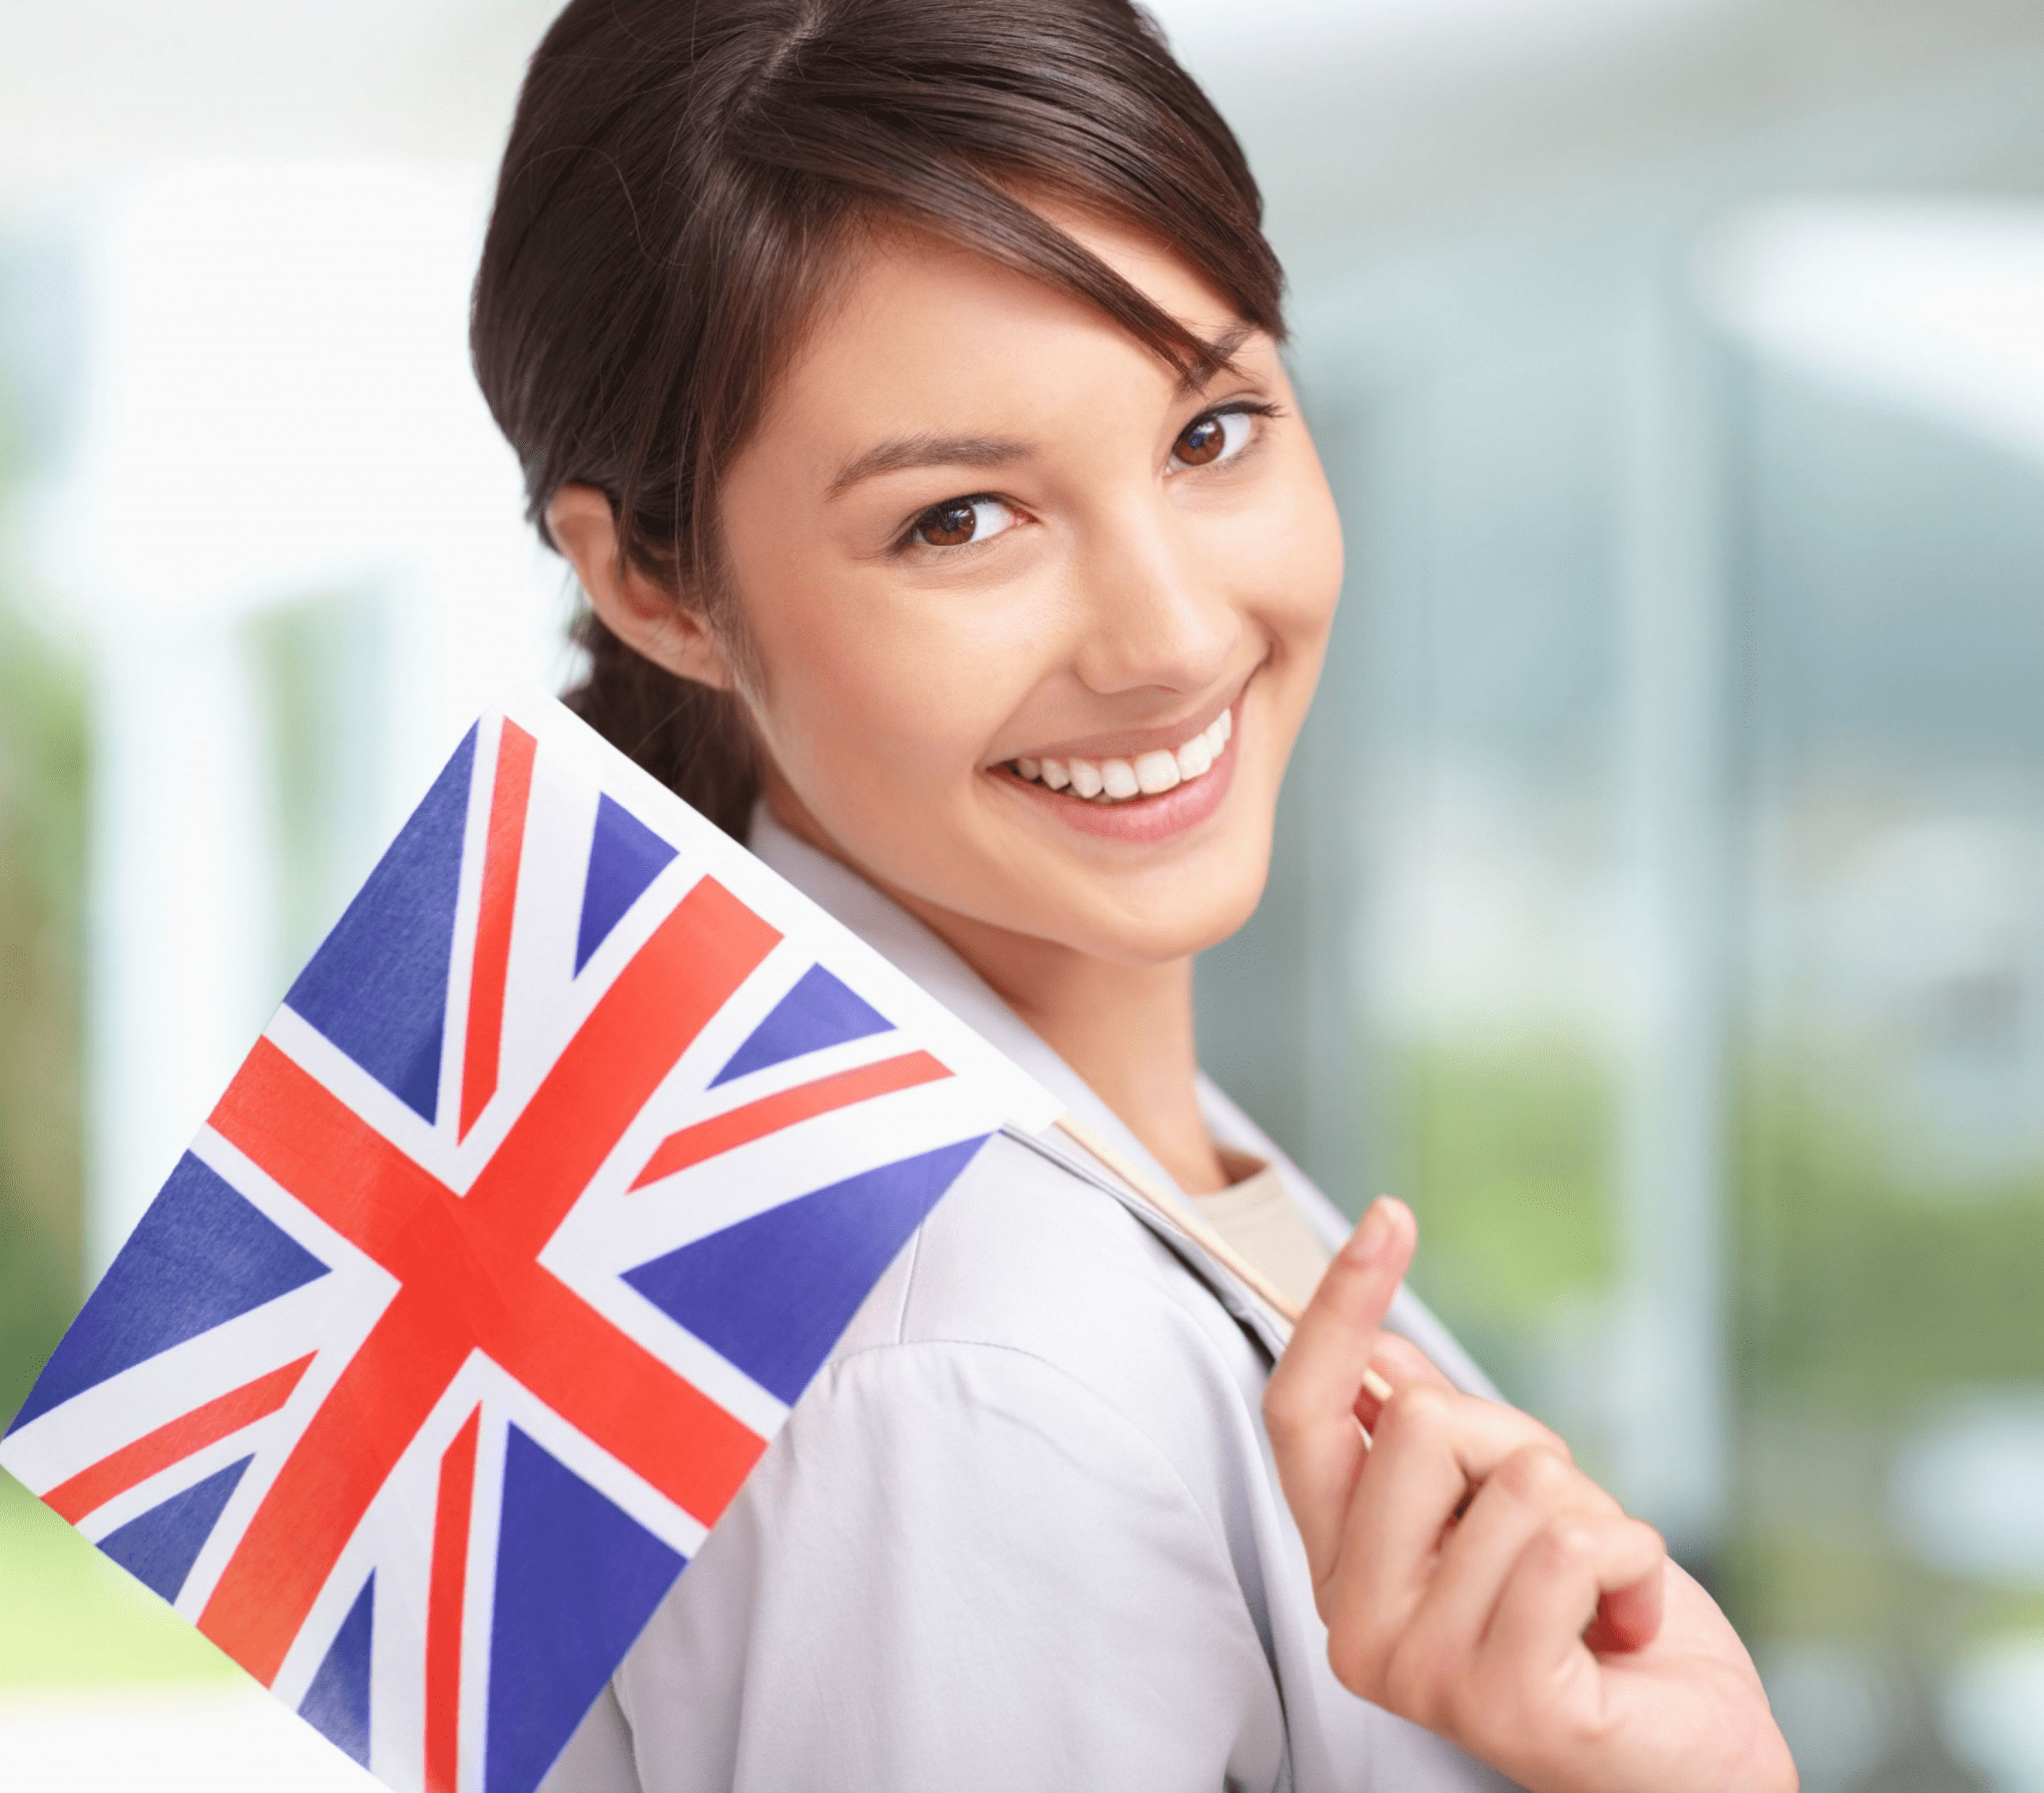 cours particuliers anglais domicile Vaucluse